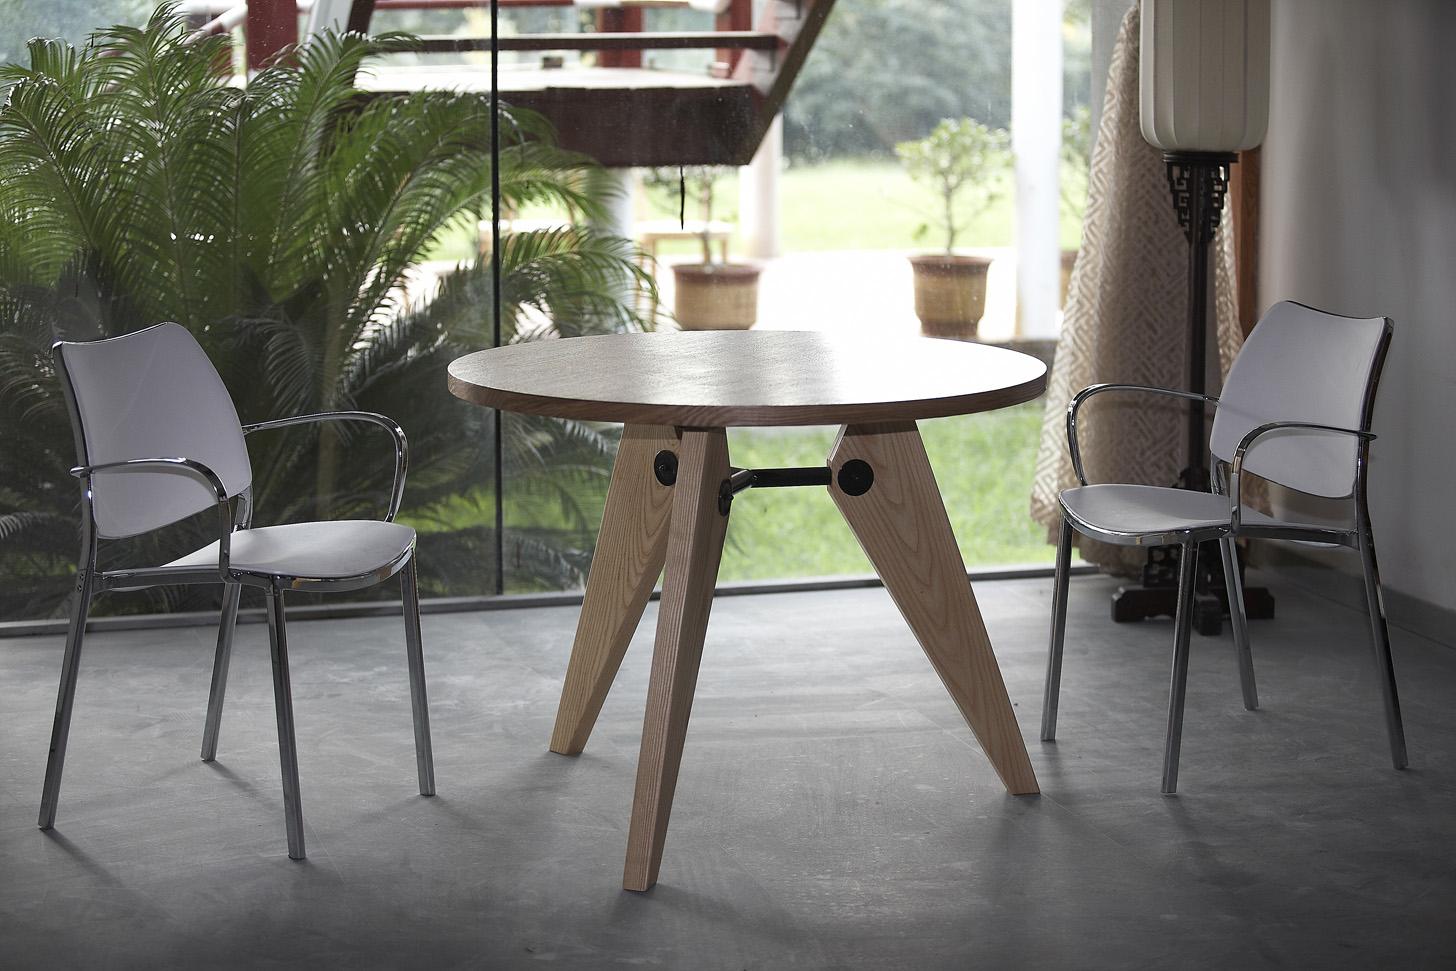 gueridon-table-small-natural.jpg